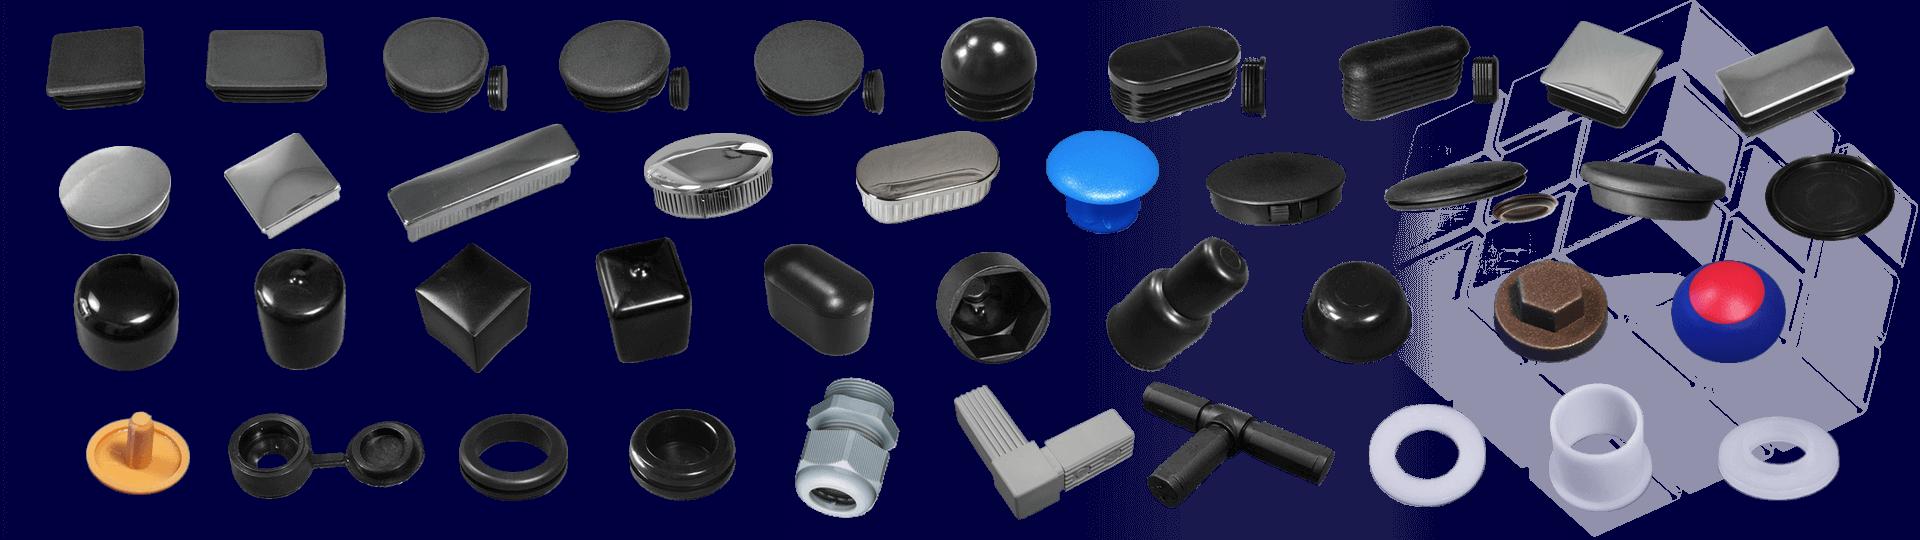 pour tubes, cache tôles, embouts recouvrants, cache écrous, cache vis, passe-fils.